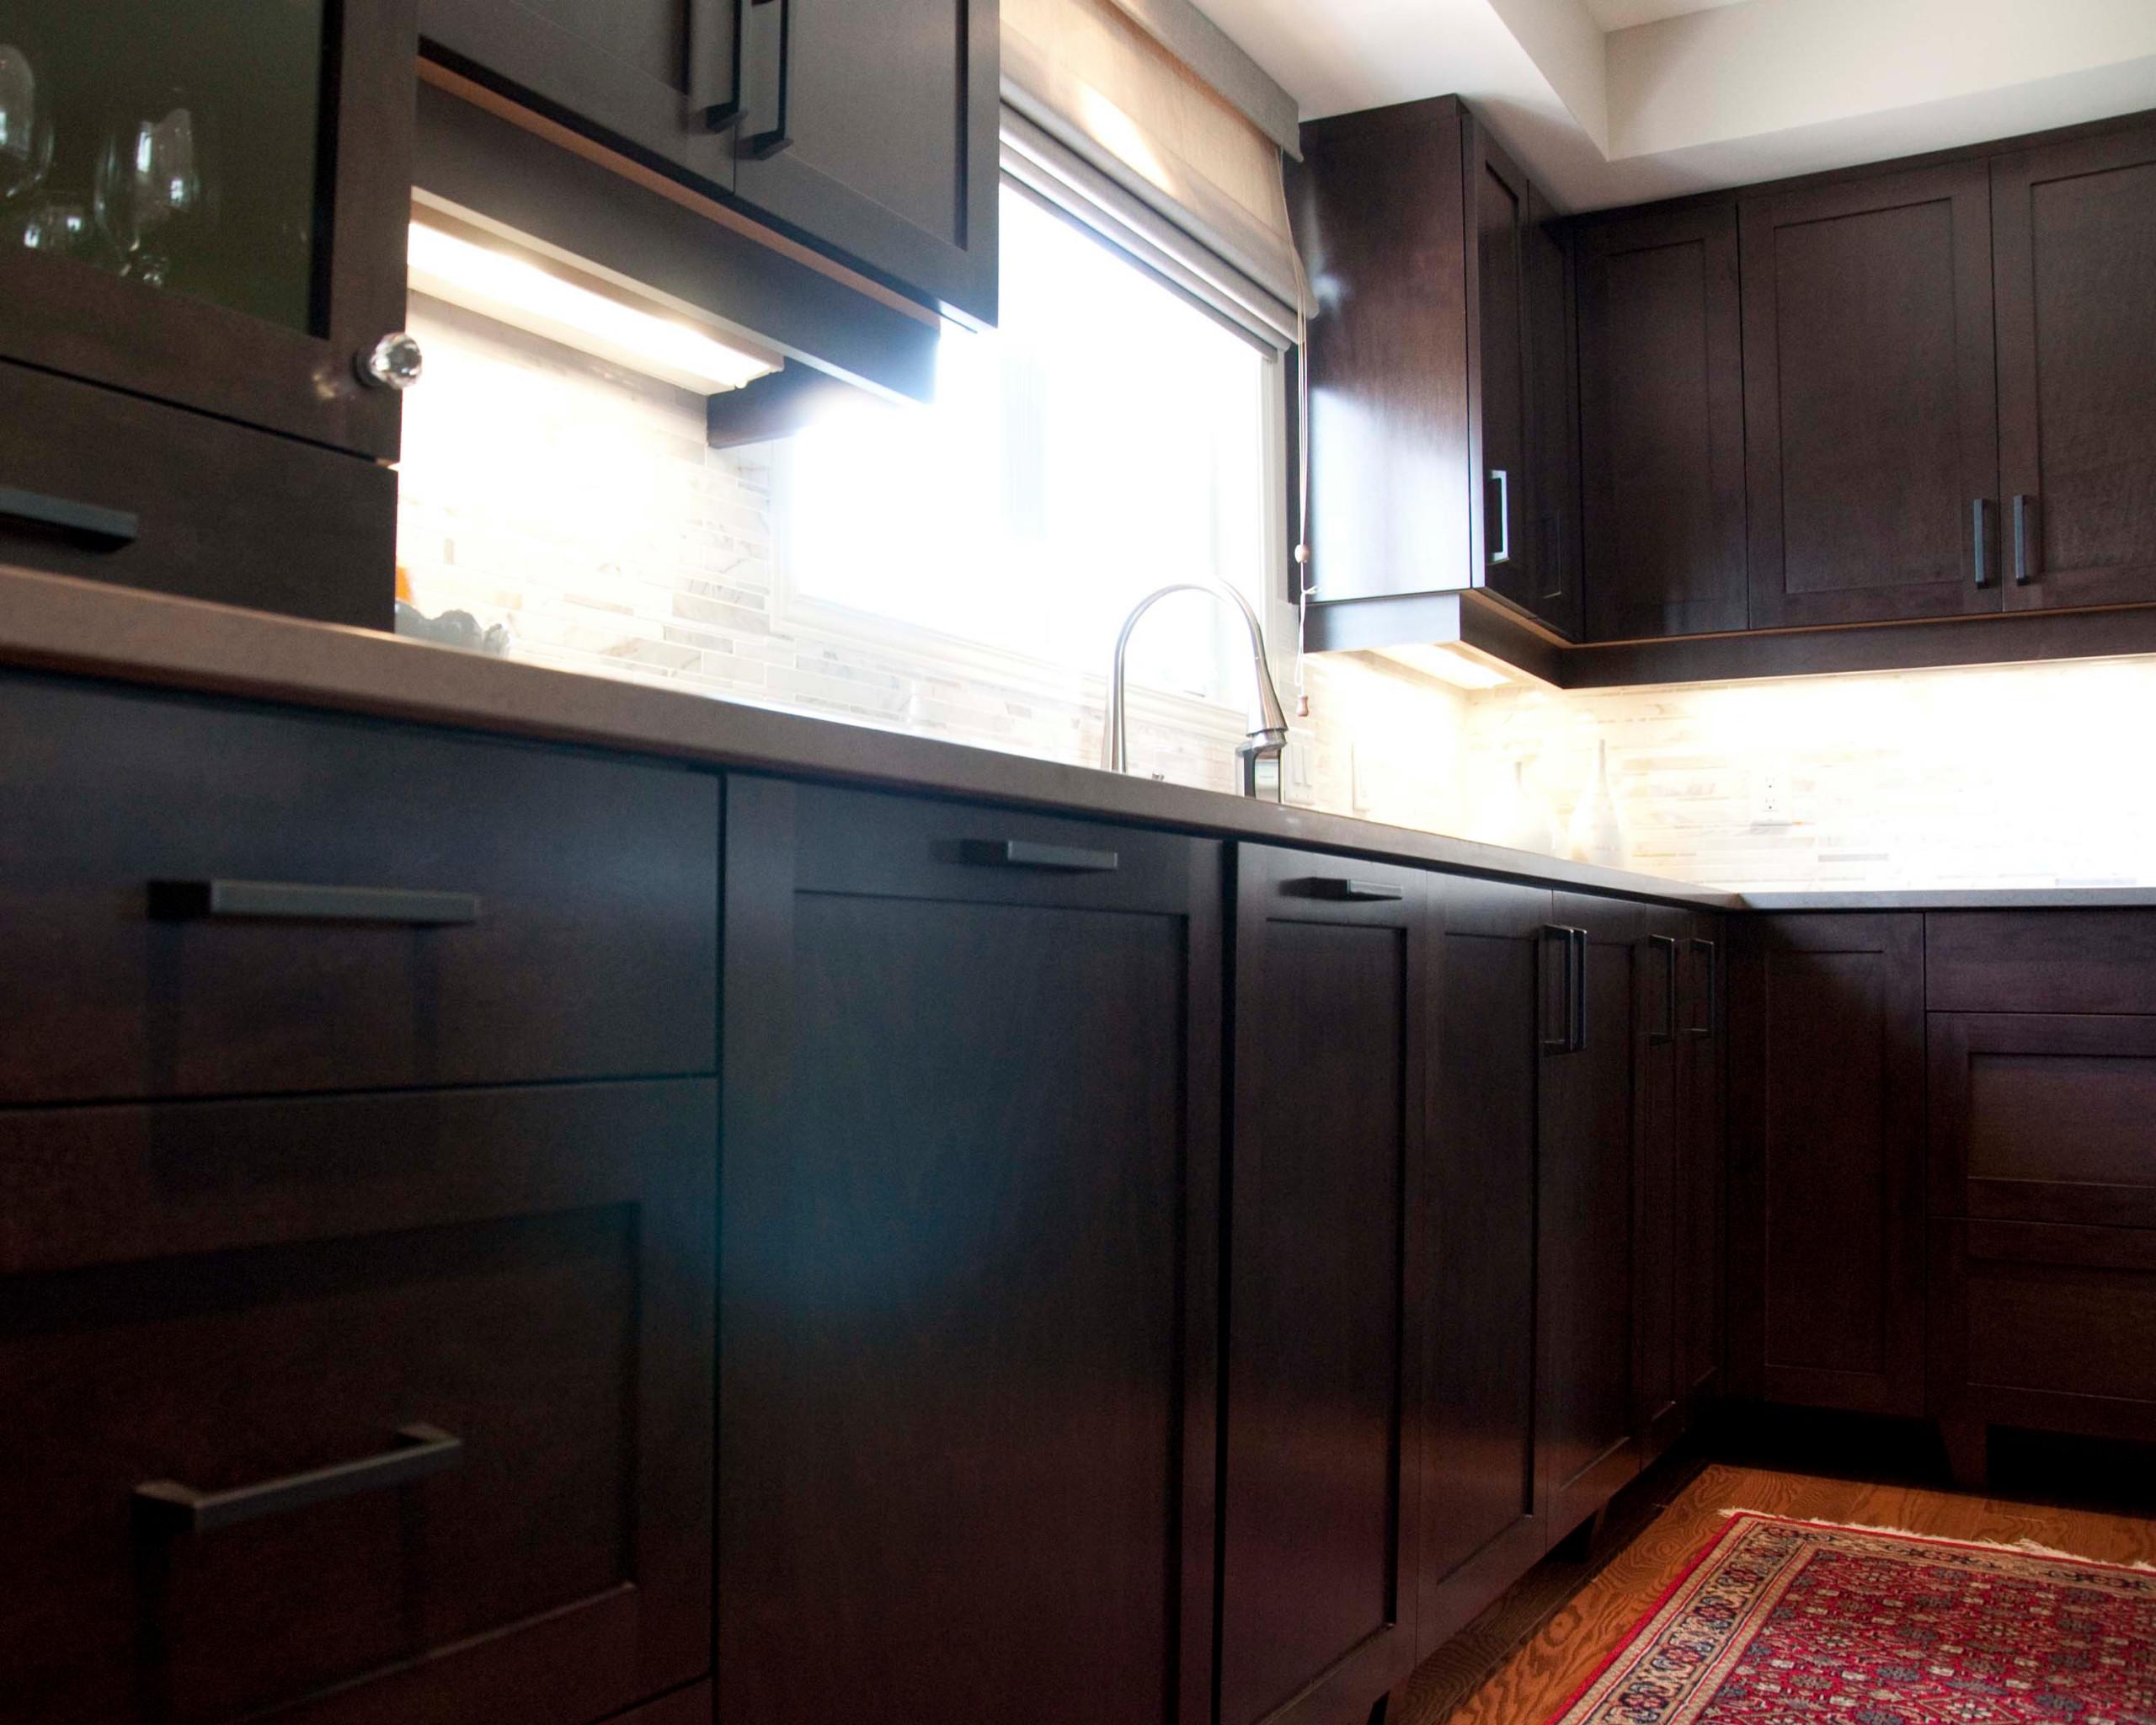 cabinethardware2